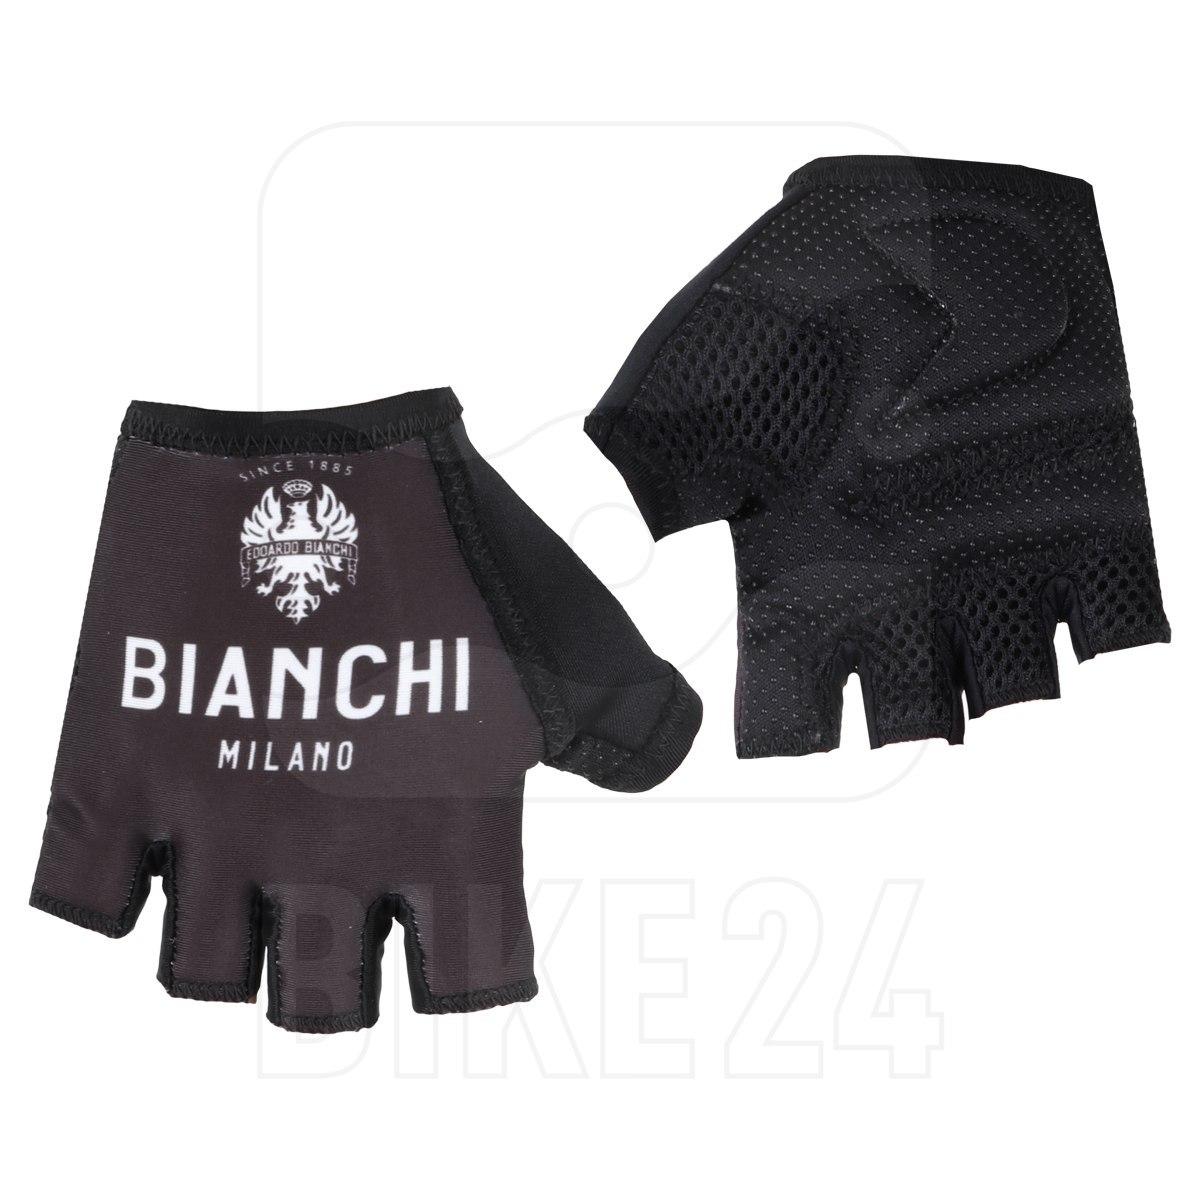 Nalini Bianchi Milano Divor1 Gloves - black 4000